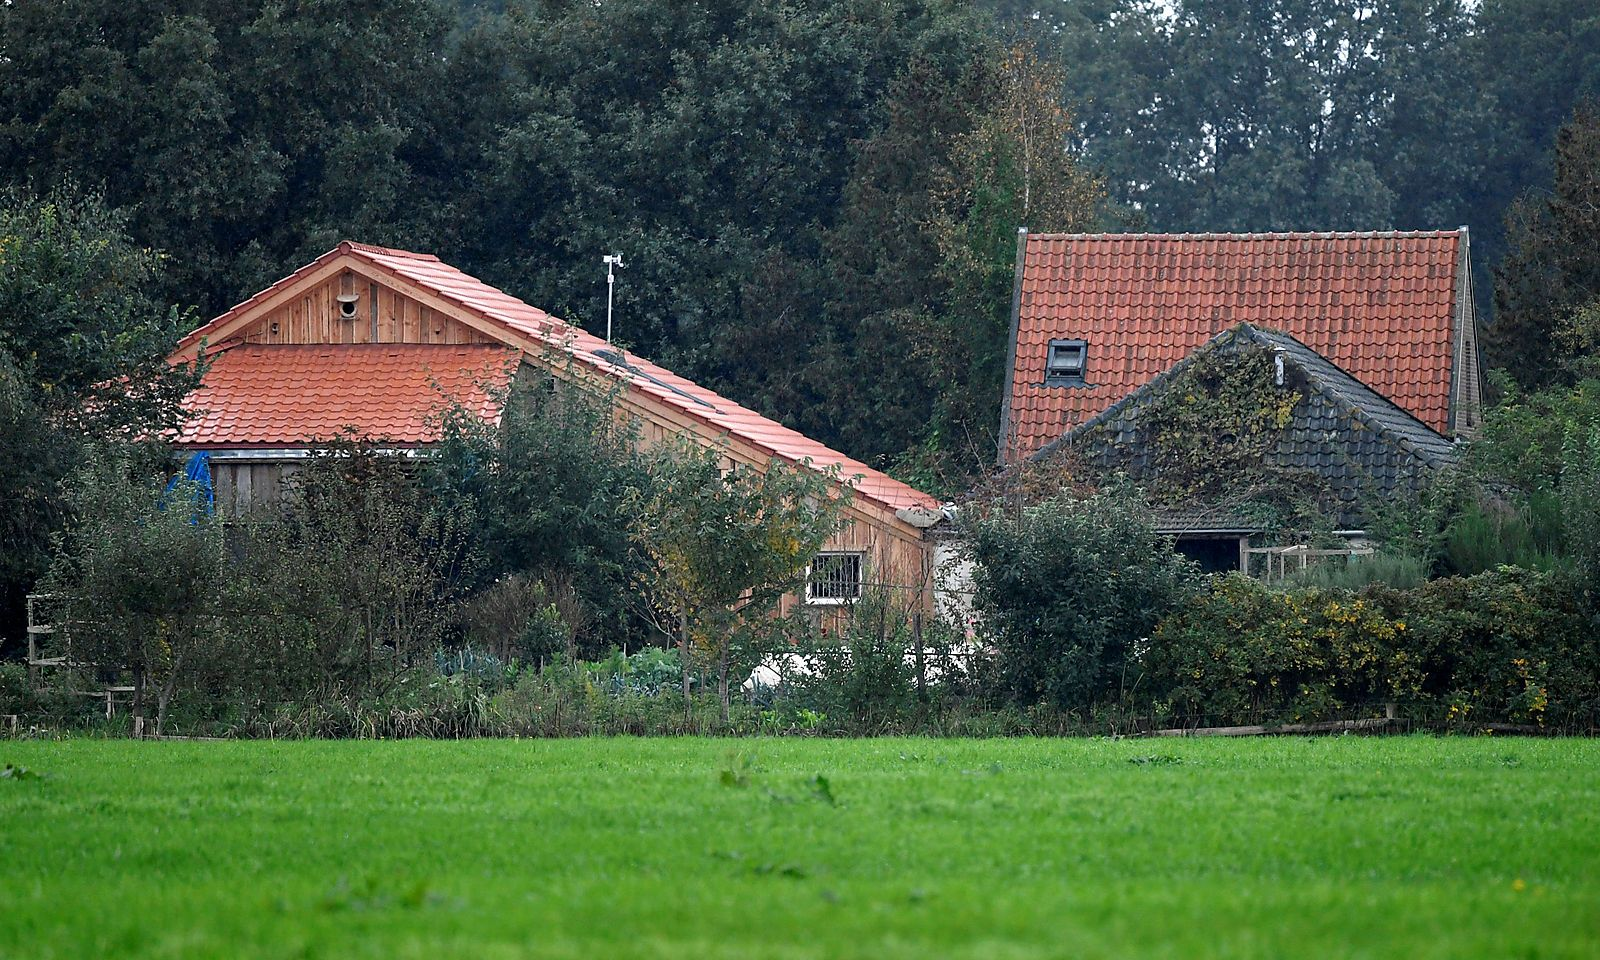 Niederlande: Mann soll jahrelang mit sechs Kindern in Keller gelebt haben